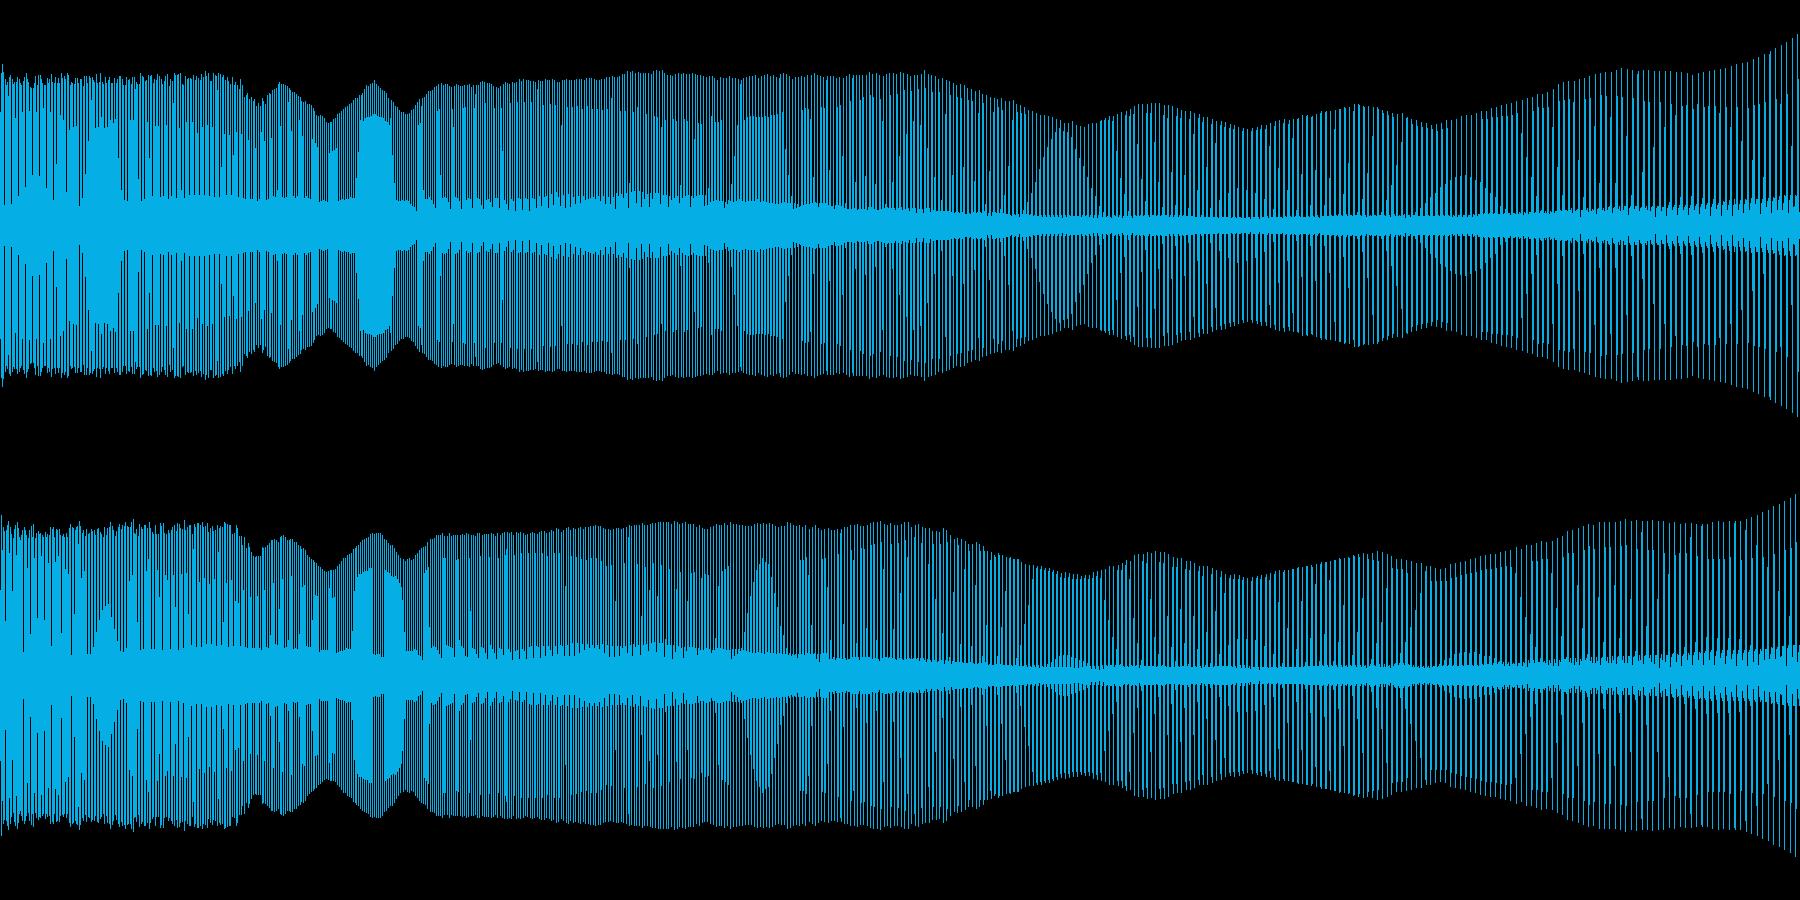 8ビット風下降音の再生済みの波形